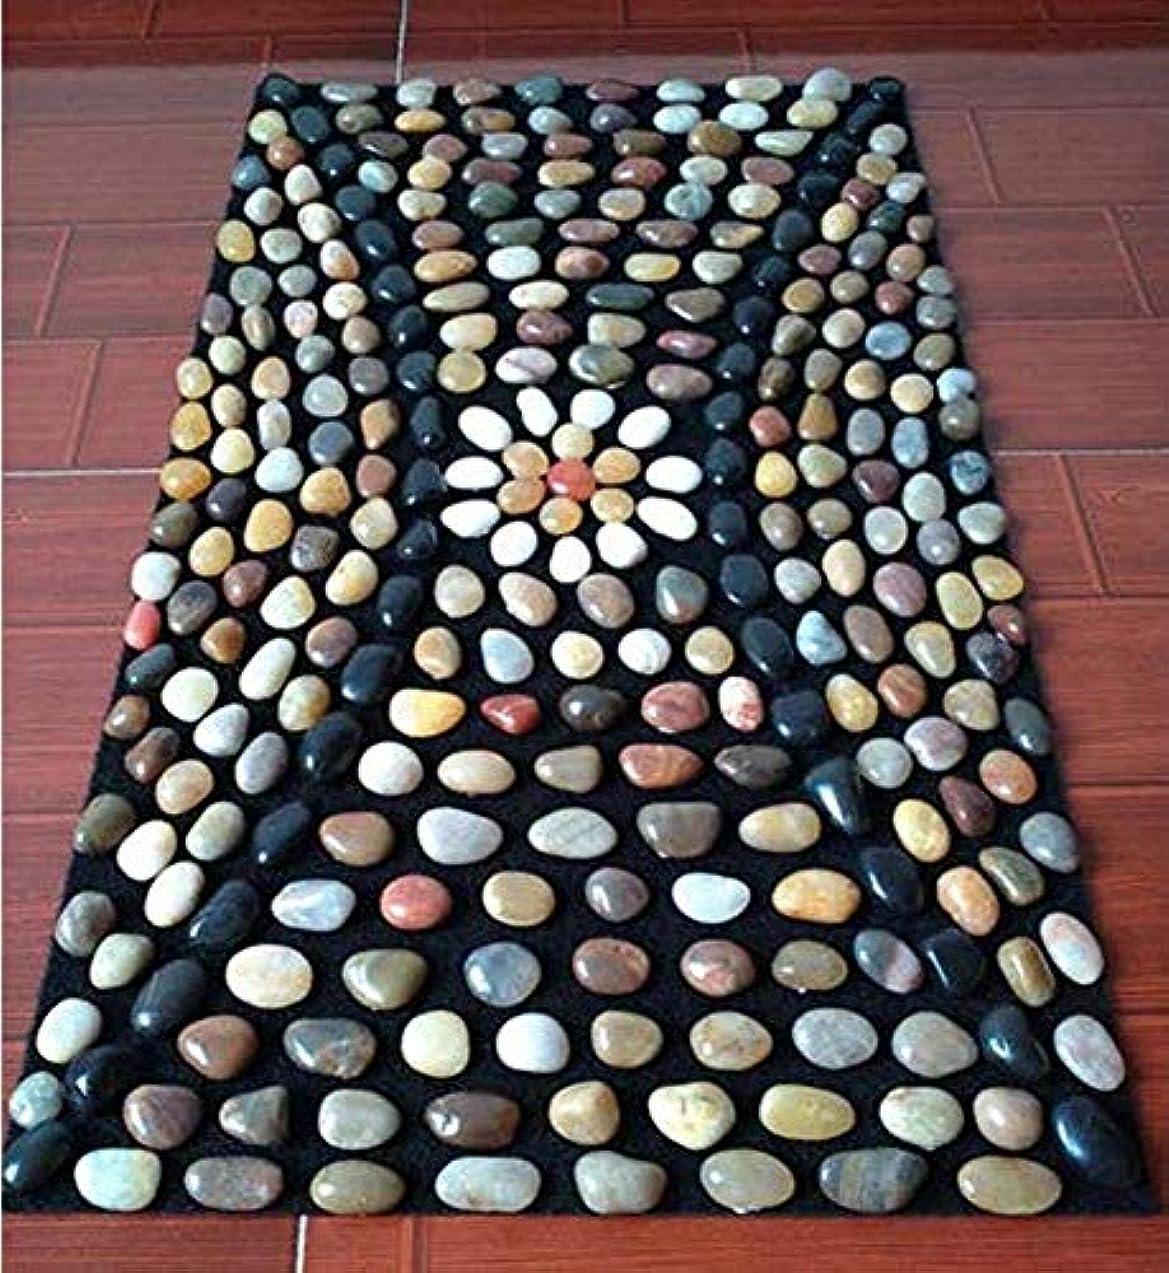 貫入邪魔する爆発物一般的な目的は、ストレスを緩和しますYuhua Stone Pebble Foot Massage Pad Home Pedicure Blanket Gravel Shiatsu Foot Massager Pad Plate(70 * 40cm)